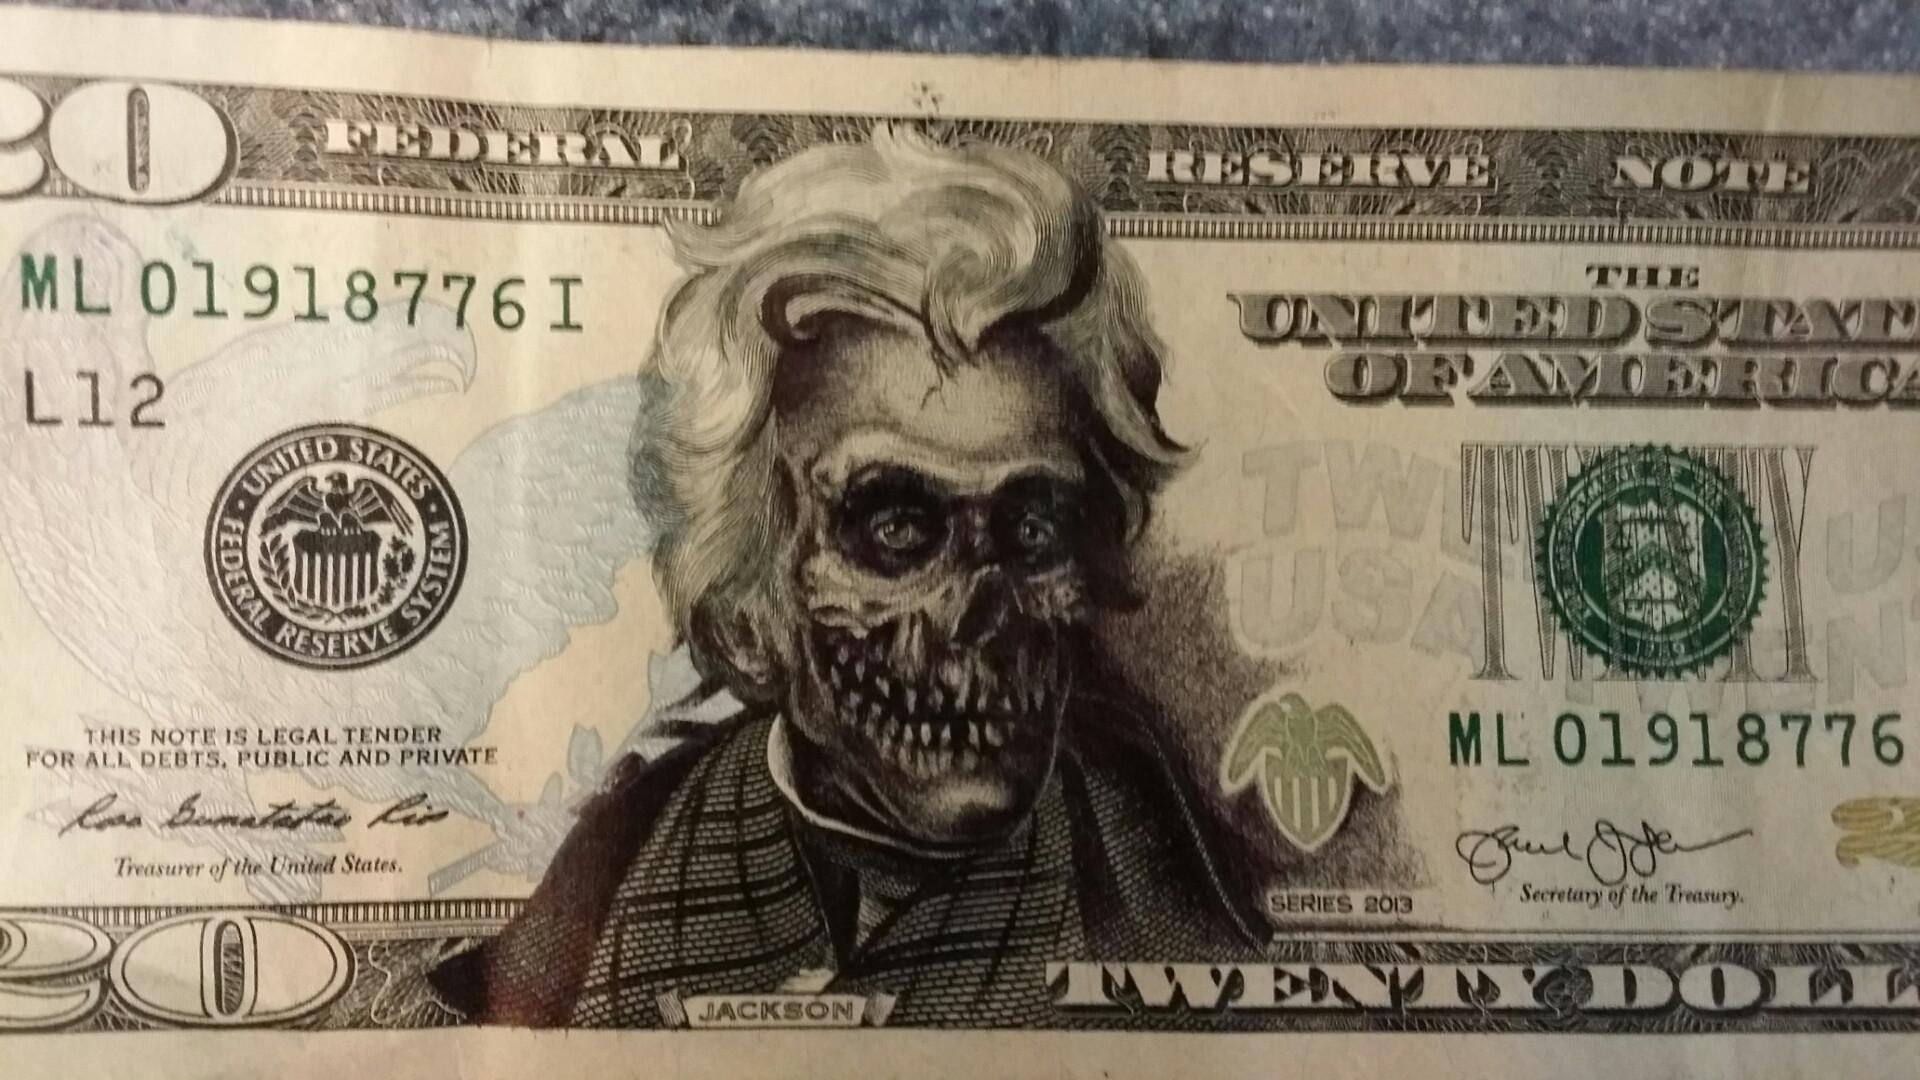 Skull drawn over Andrew Jackson on $20 bill